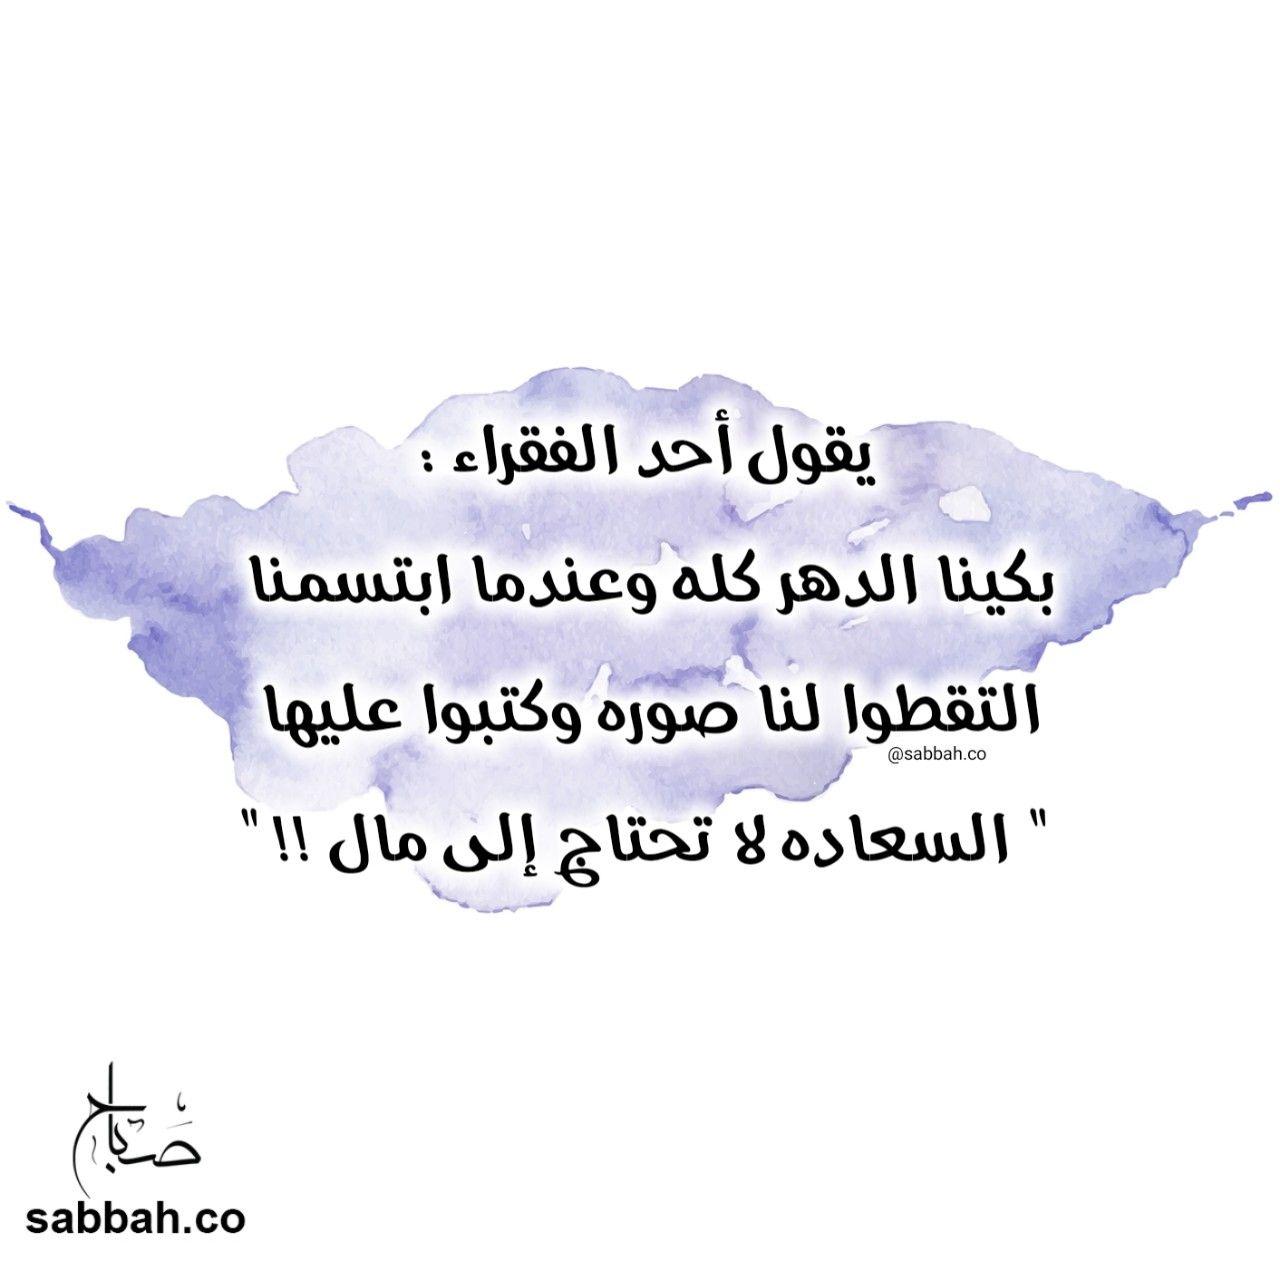 يقول أحد الفقراء بكينا الدهر كله وعندما ابتسمنا التقطوا لنا صوره وكتبوا عليها السعاده لا تحتاج إلى مال Quran Quotes Love Quran Quotes Beauty Design